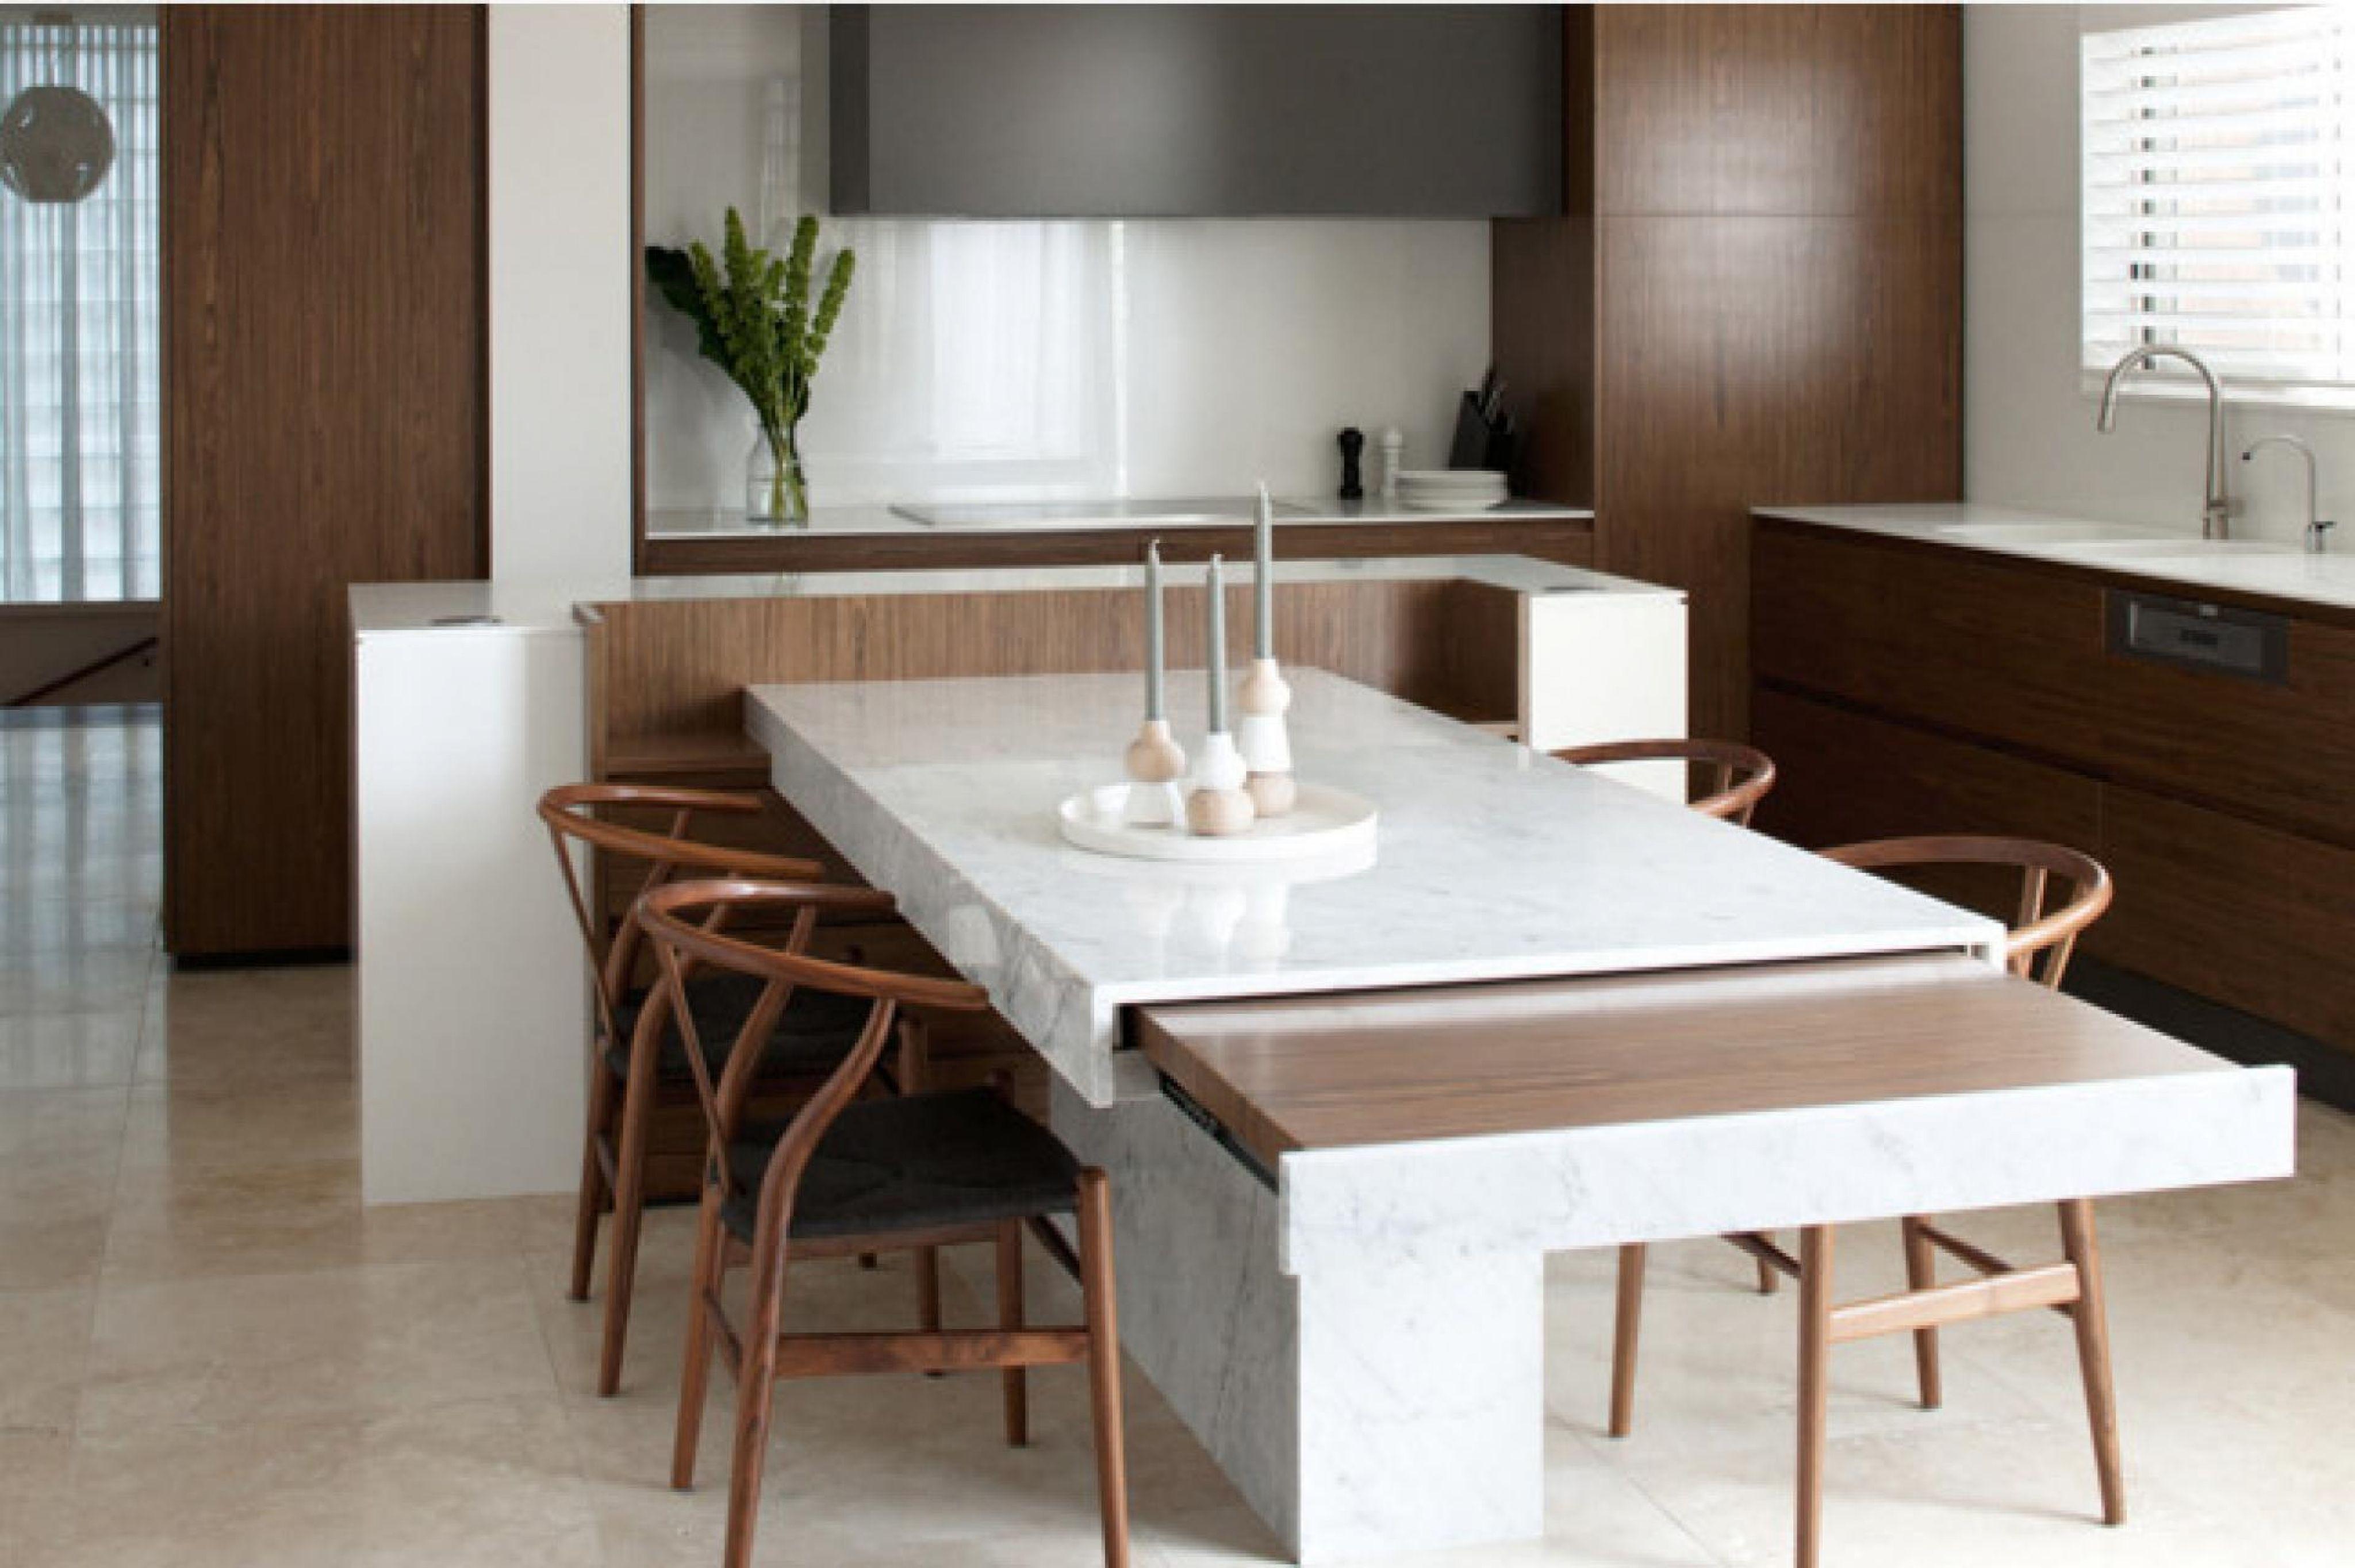 Ilot Cuisine Table A Manger Épinglé par vicky cartagena sur cocinas | banquette salle à